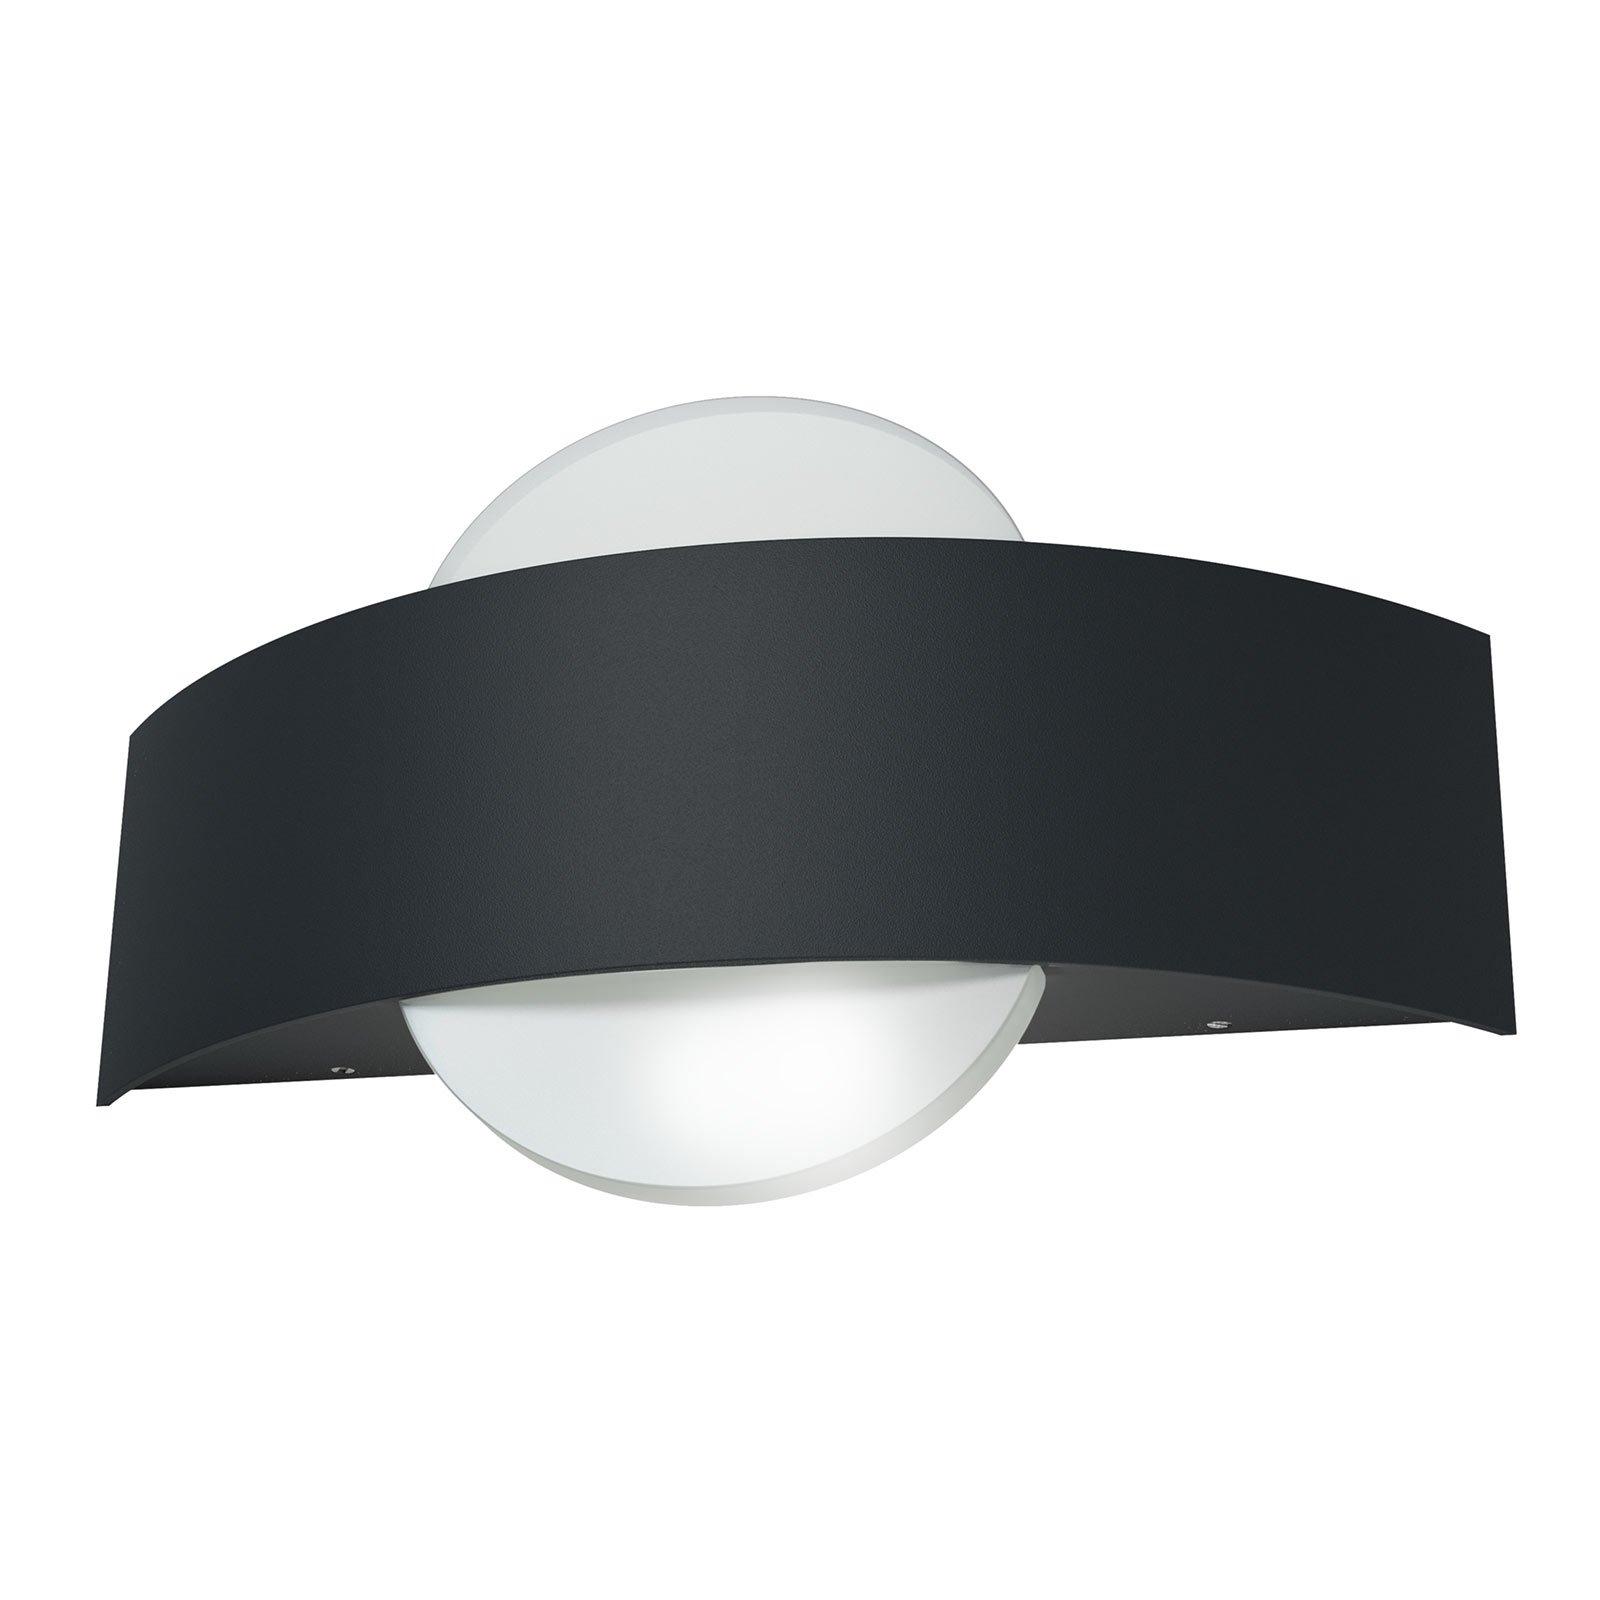 LEDVANCE Endura Style Shield Round utendørs lampe